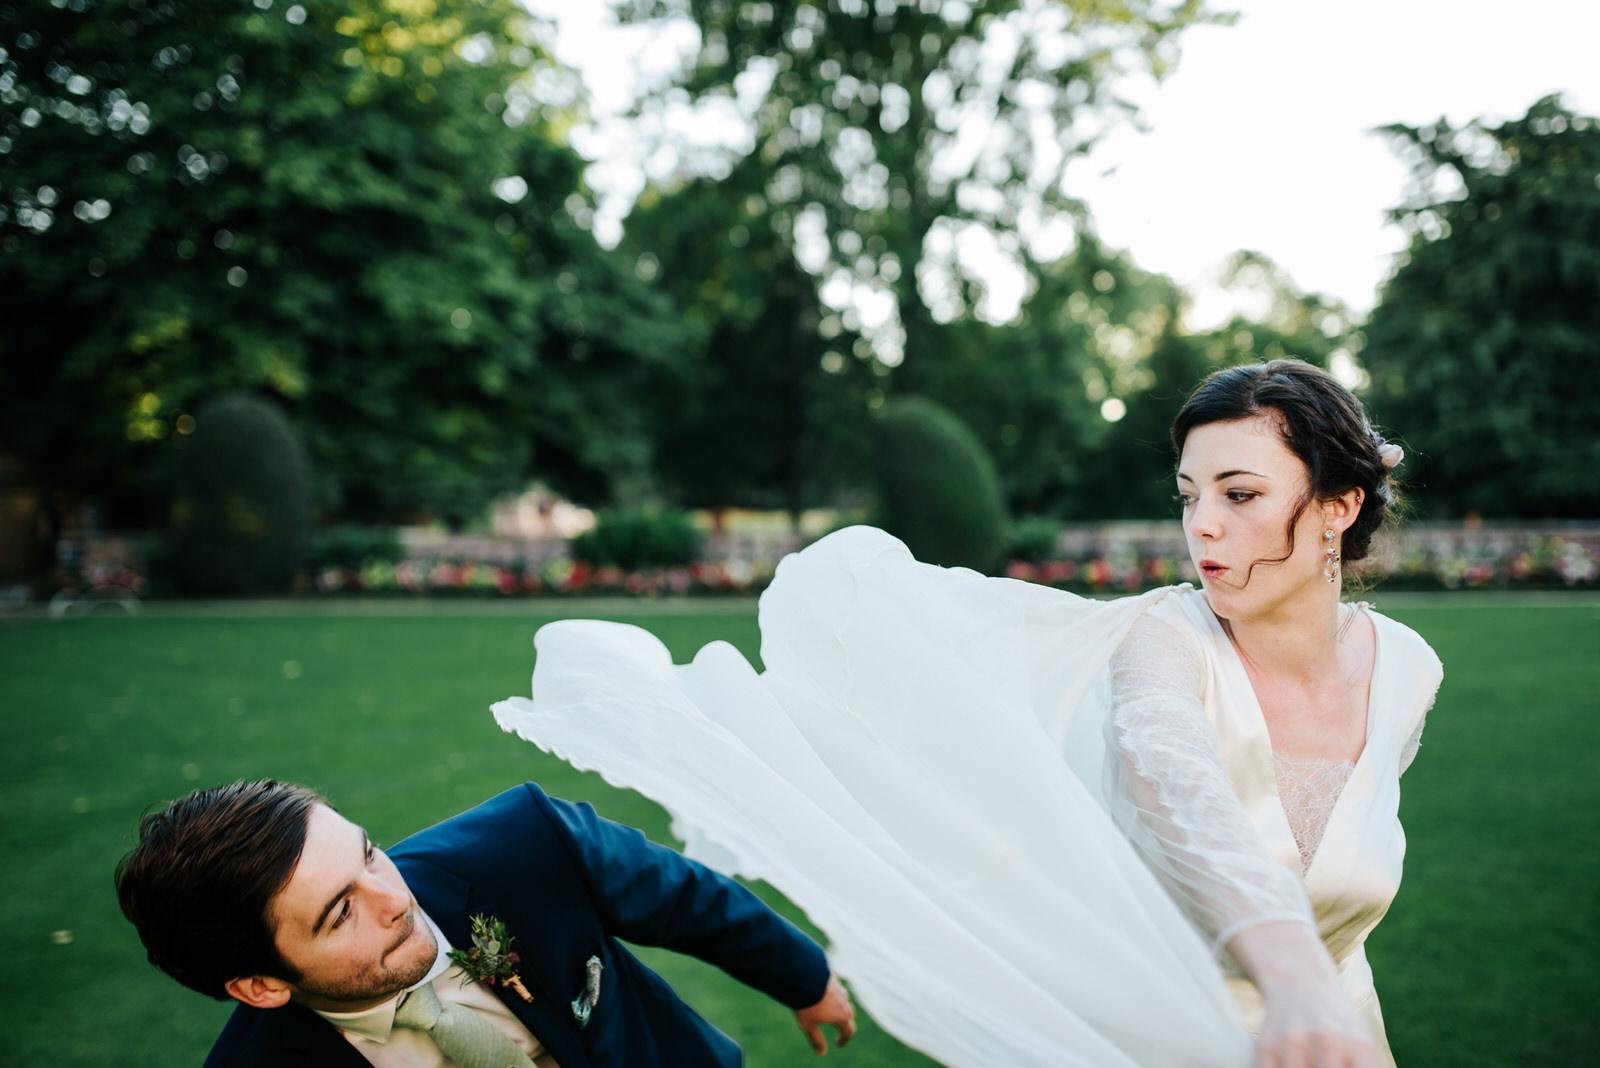 Bride swings her dress at groom pretending it is a superhero cap